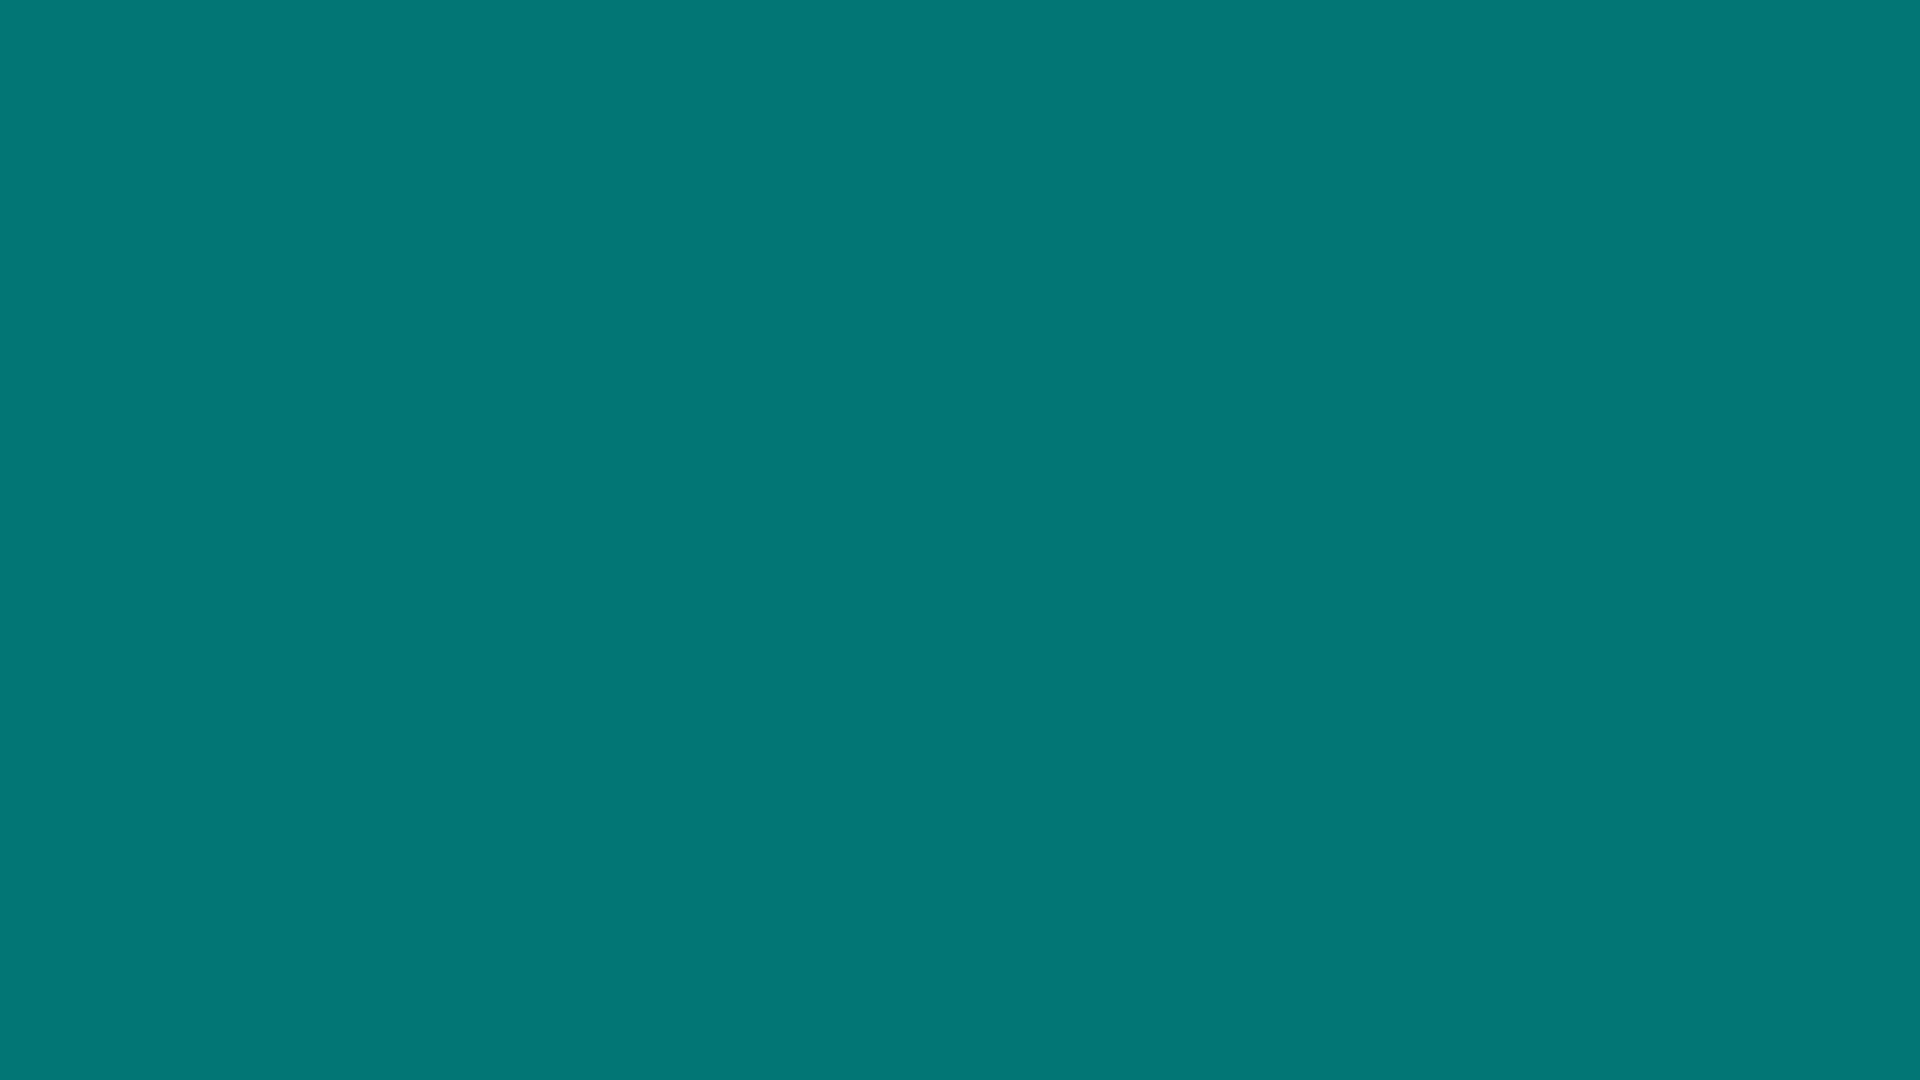 [공고] 서울대 아시아연구소 홍보위원회  번역(영어→한국어) 담당 연구조교 채용 공고